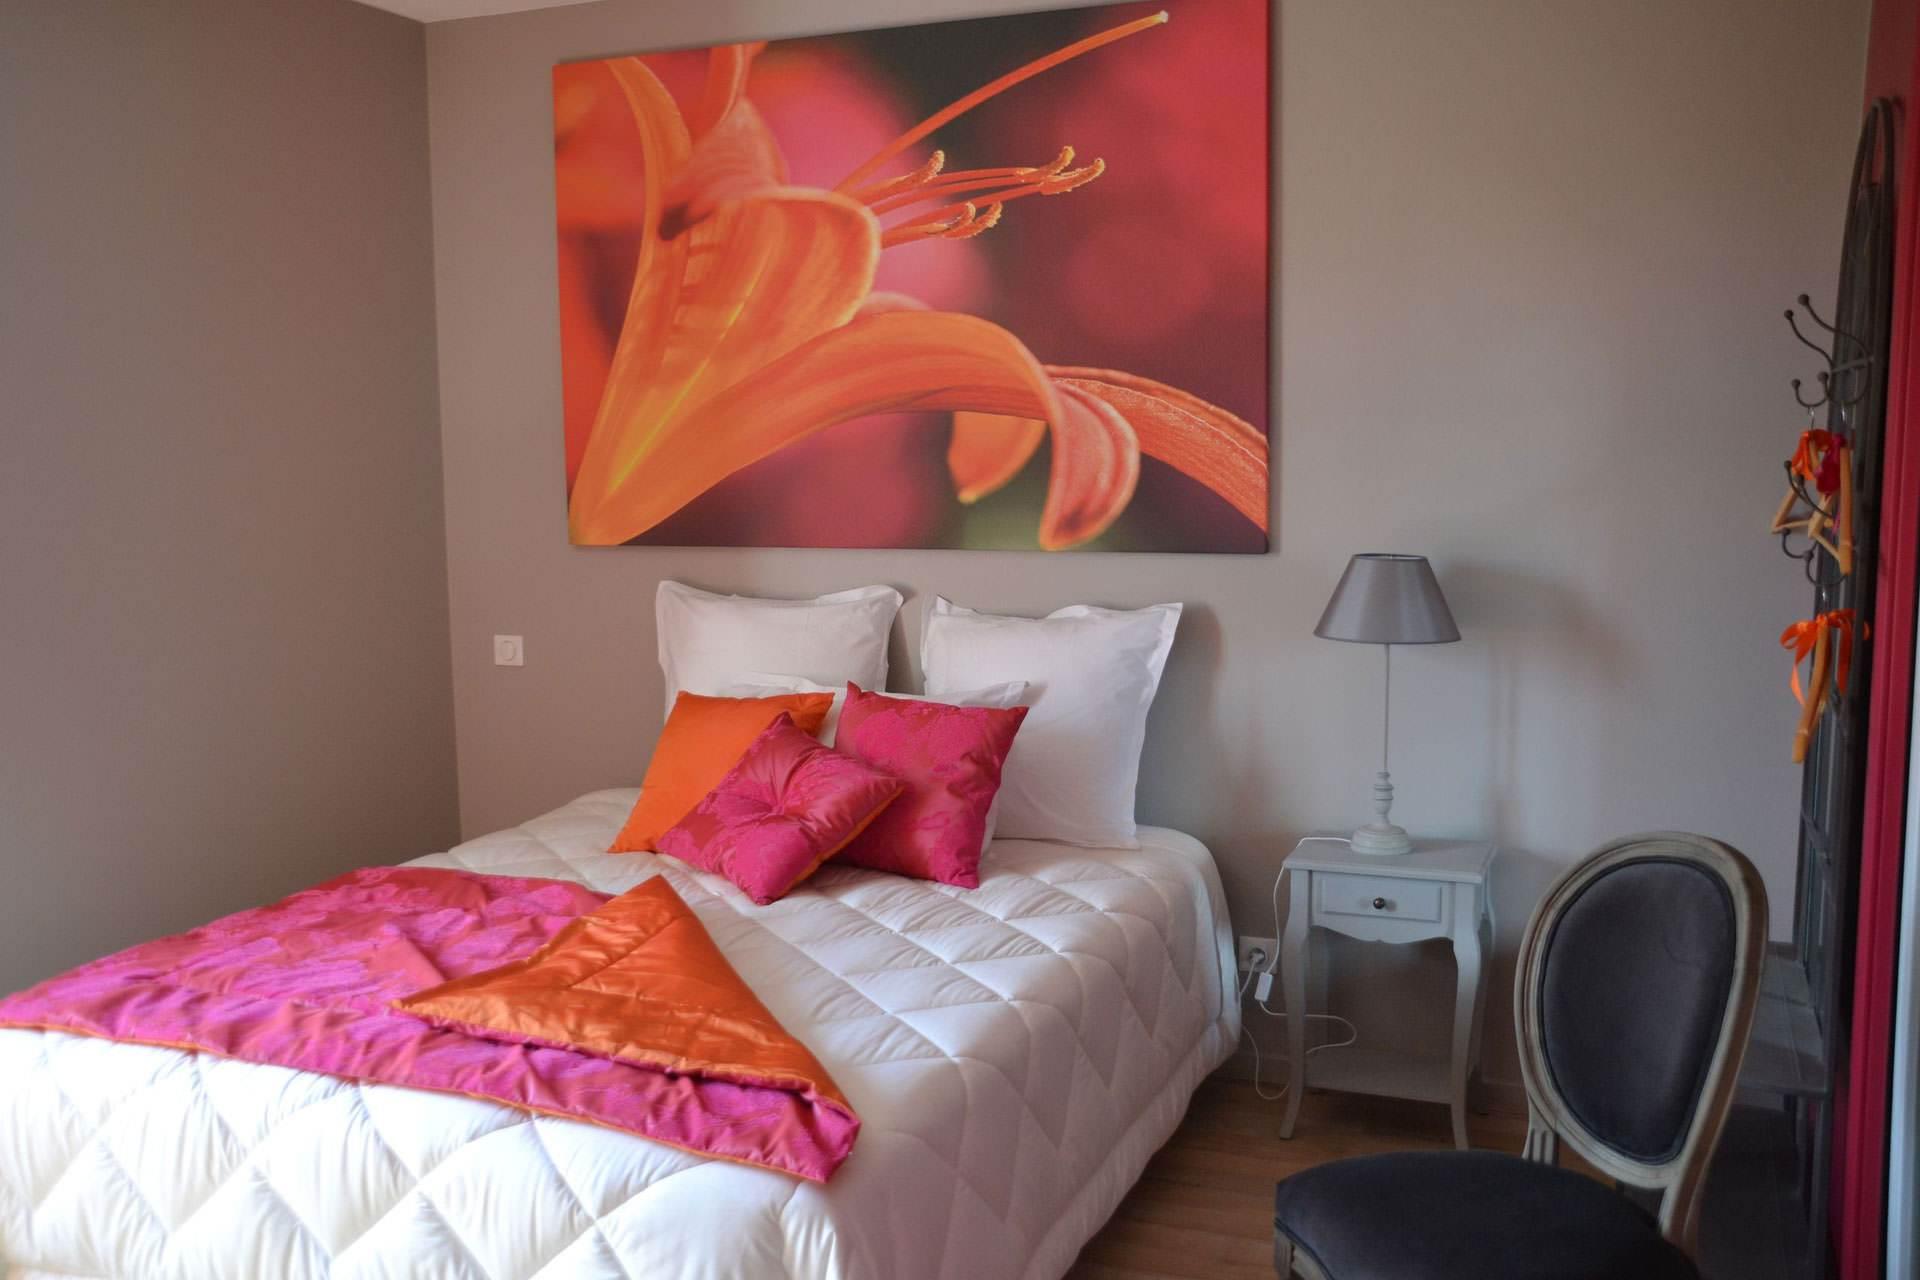 chambres d 39 h tes dans le doubs cole valentin besan on villa du parc. Black Bedroom Furniture Sets. Home Design Ideas